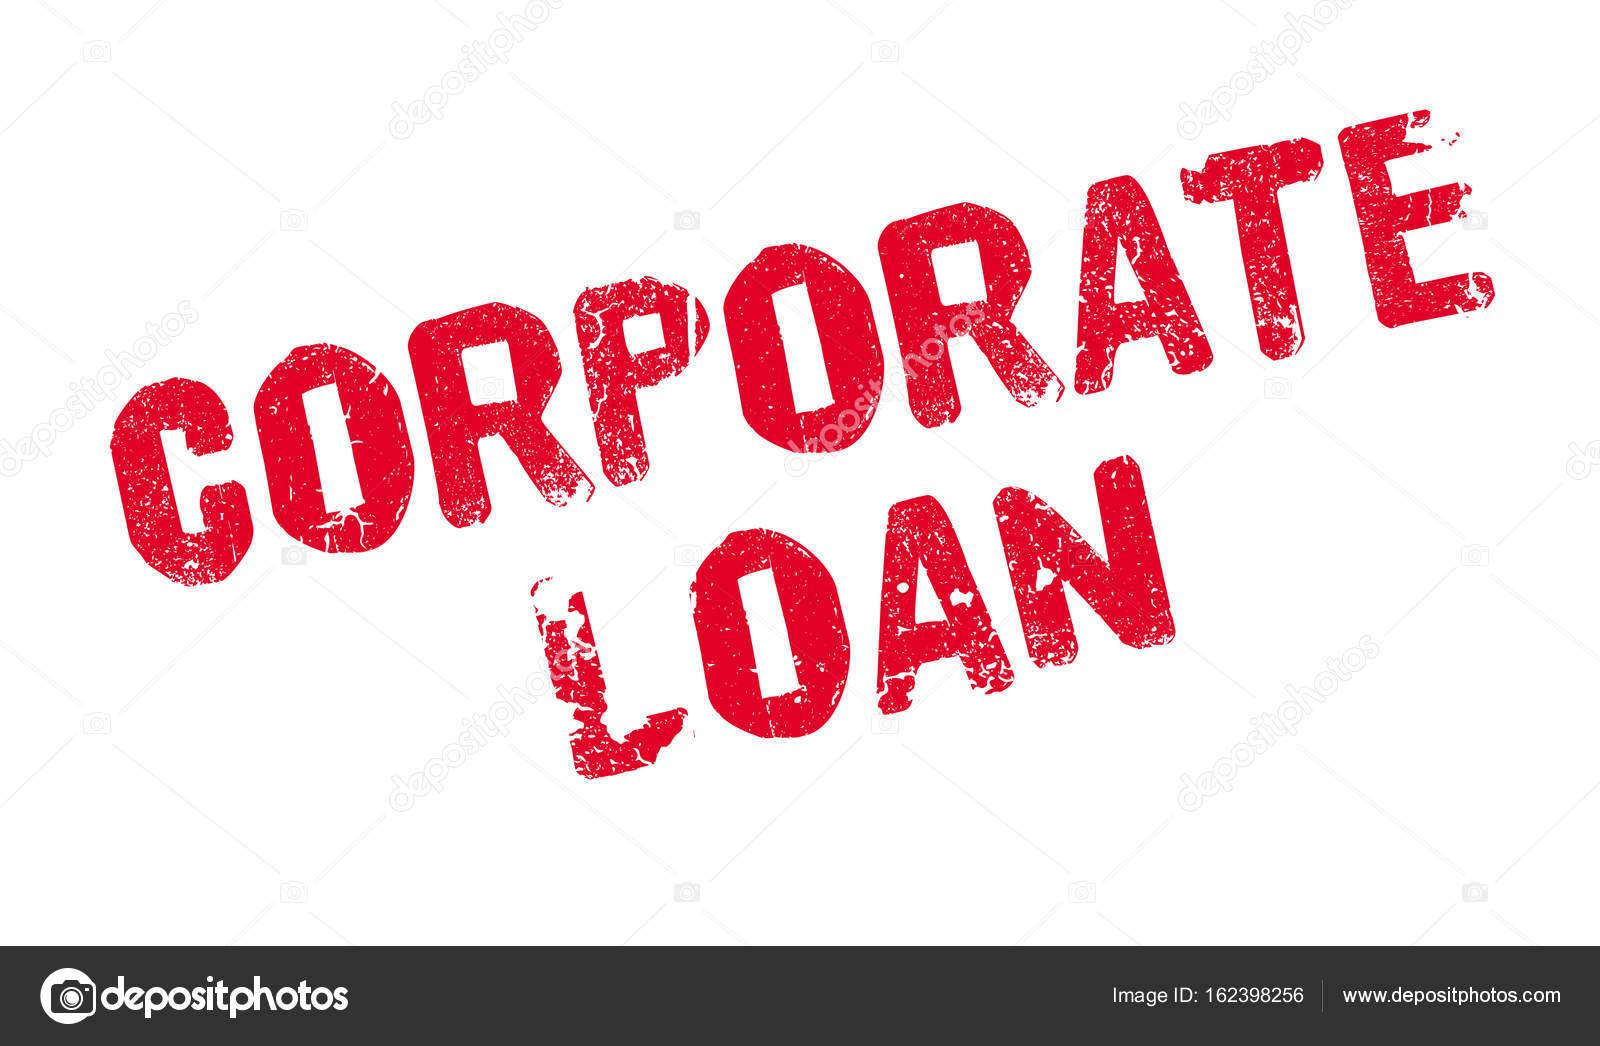 Půjčka bez registru home credit